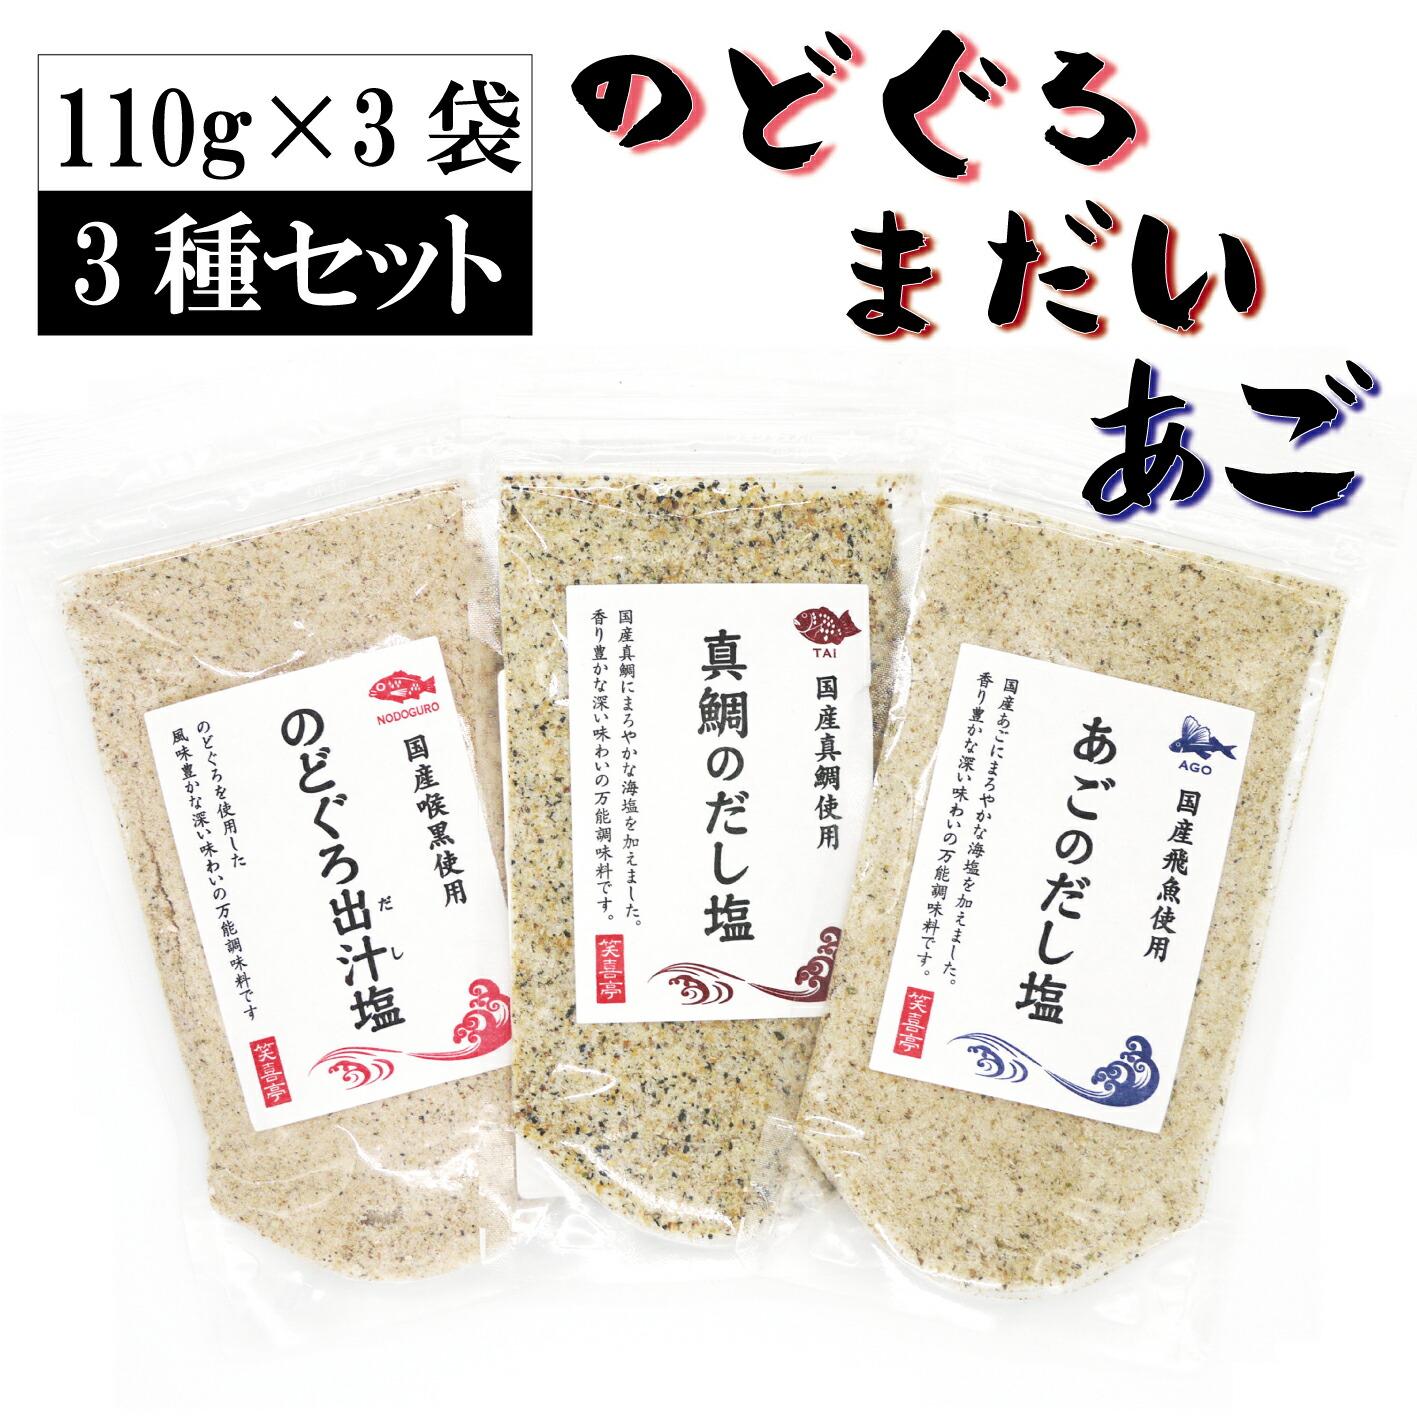 調味塩3種